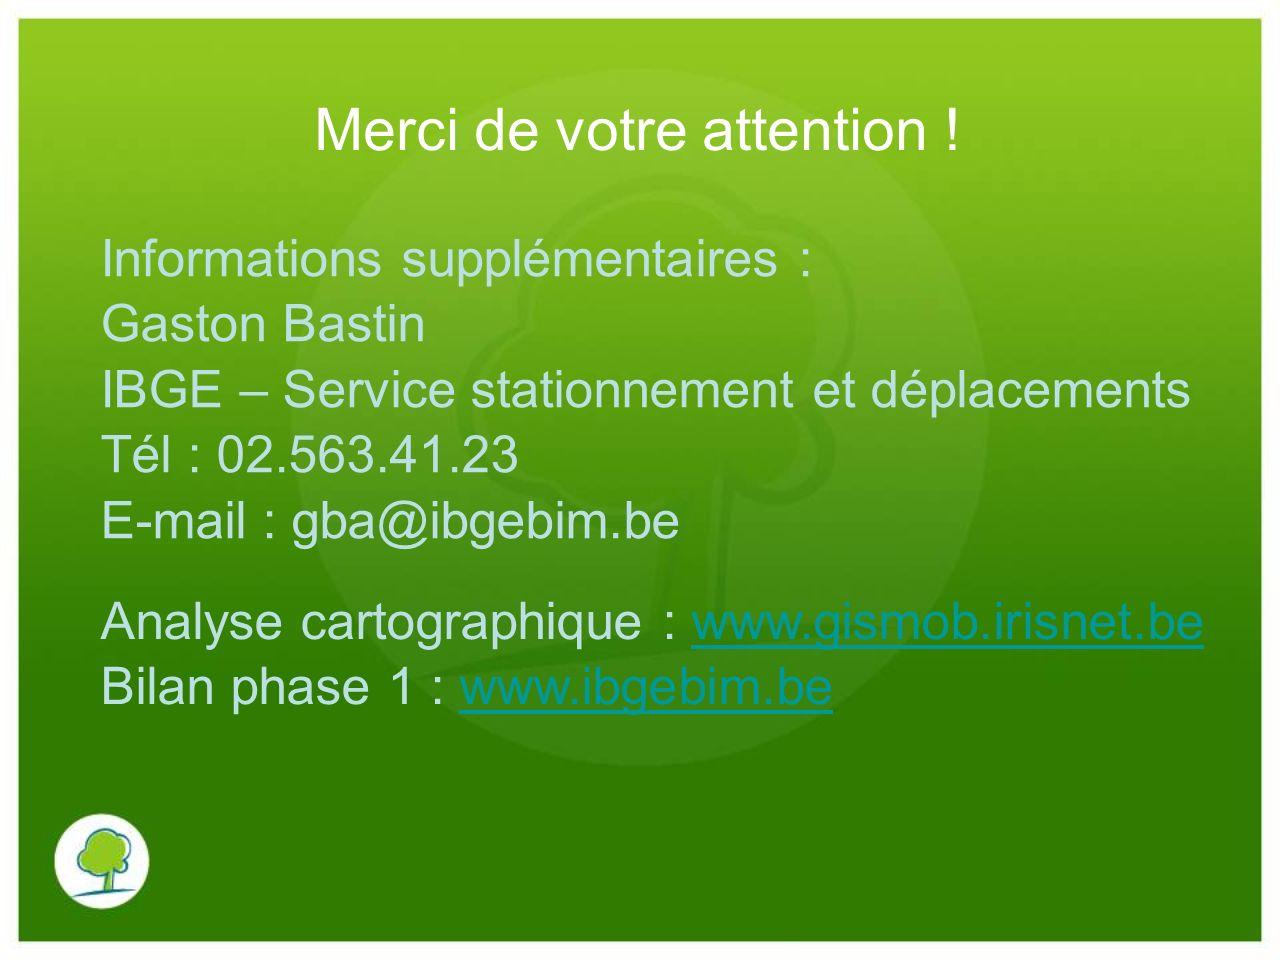 Merci de votre attention ! Informations supplémentaires : Gaston Bastin IBGE – Service stationnement et déplacements Tél : 02.563.41.23 E-mail : gba@i